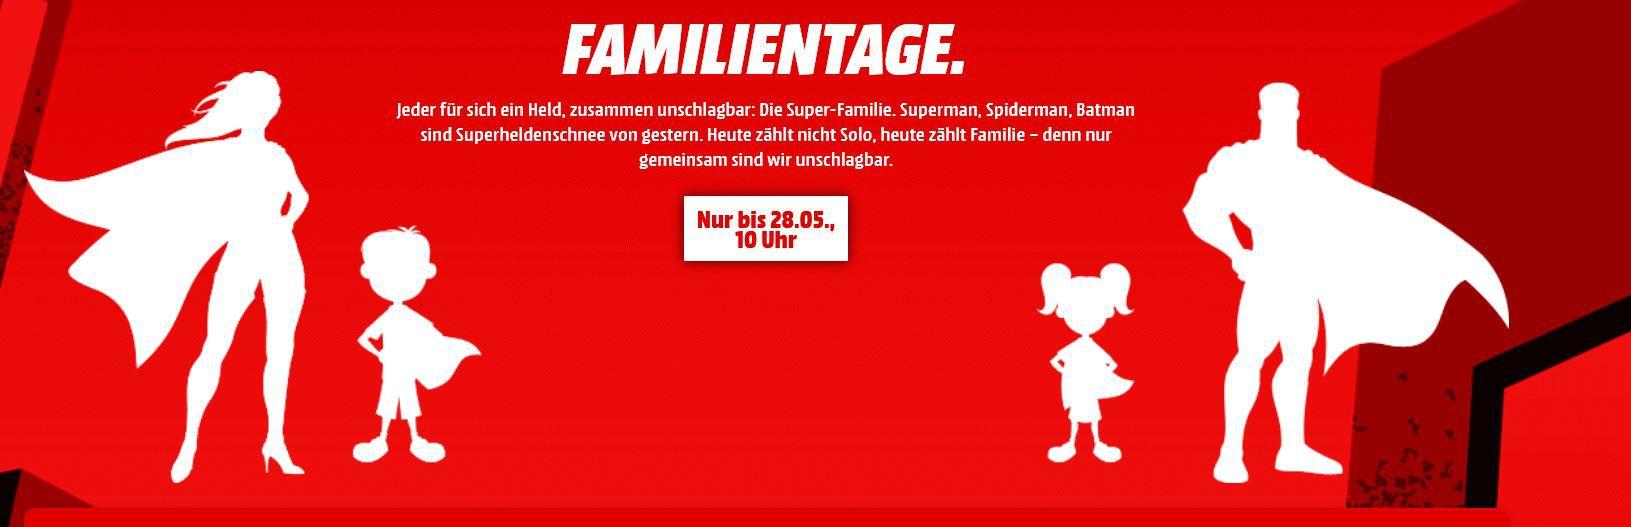 Media Markt Familientage: heute z.B. CARSON X Crawlee XL Beetle R/C für 139,99€ (statt 158€)